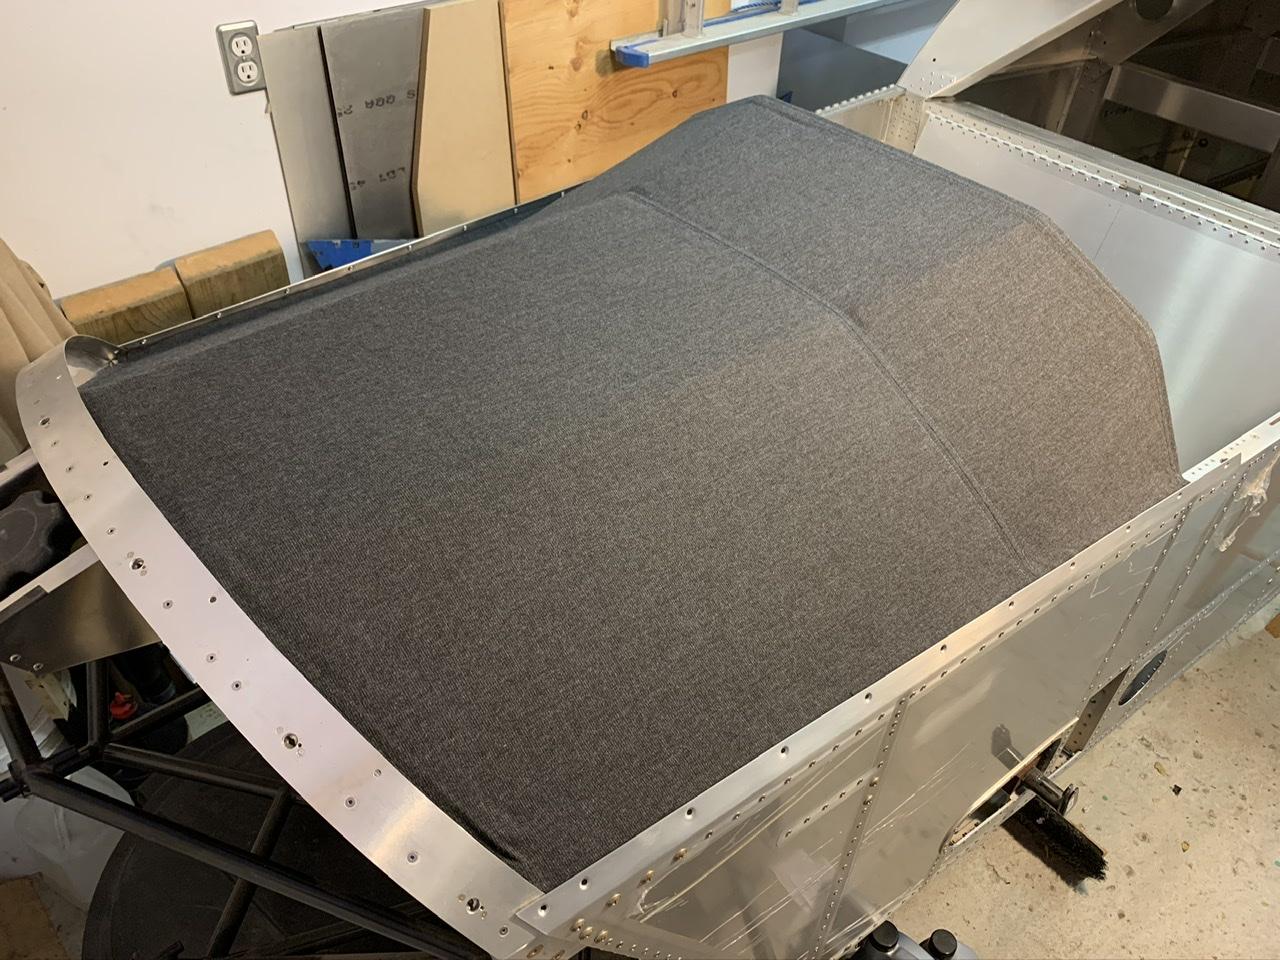 Glare Shield Cover